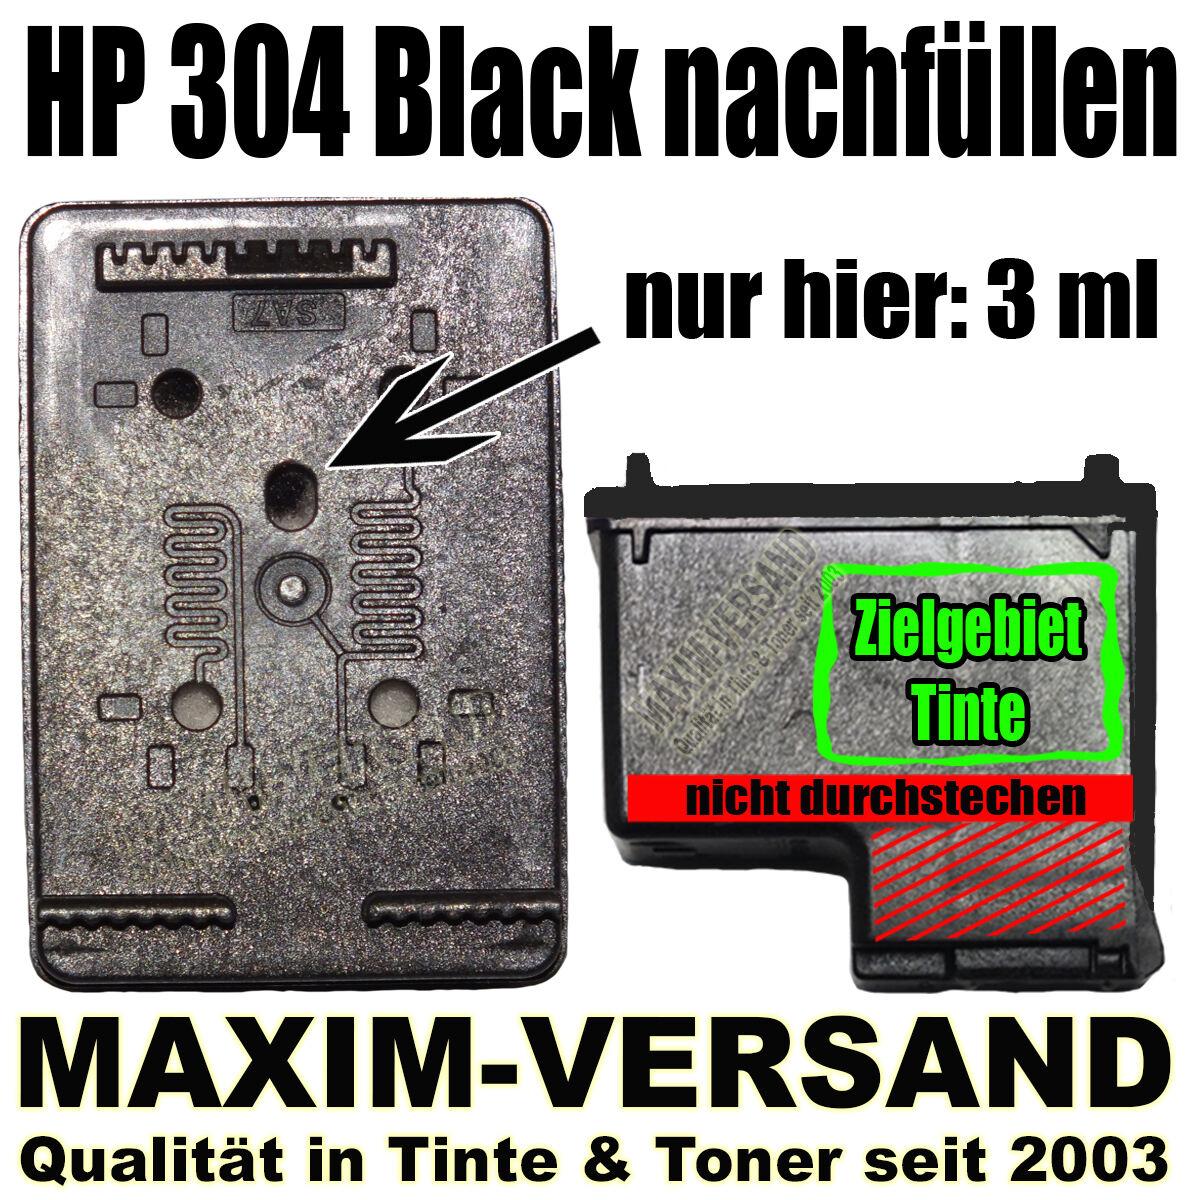 HP 304 Black nachfüllen